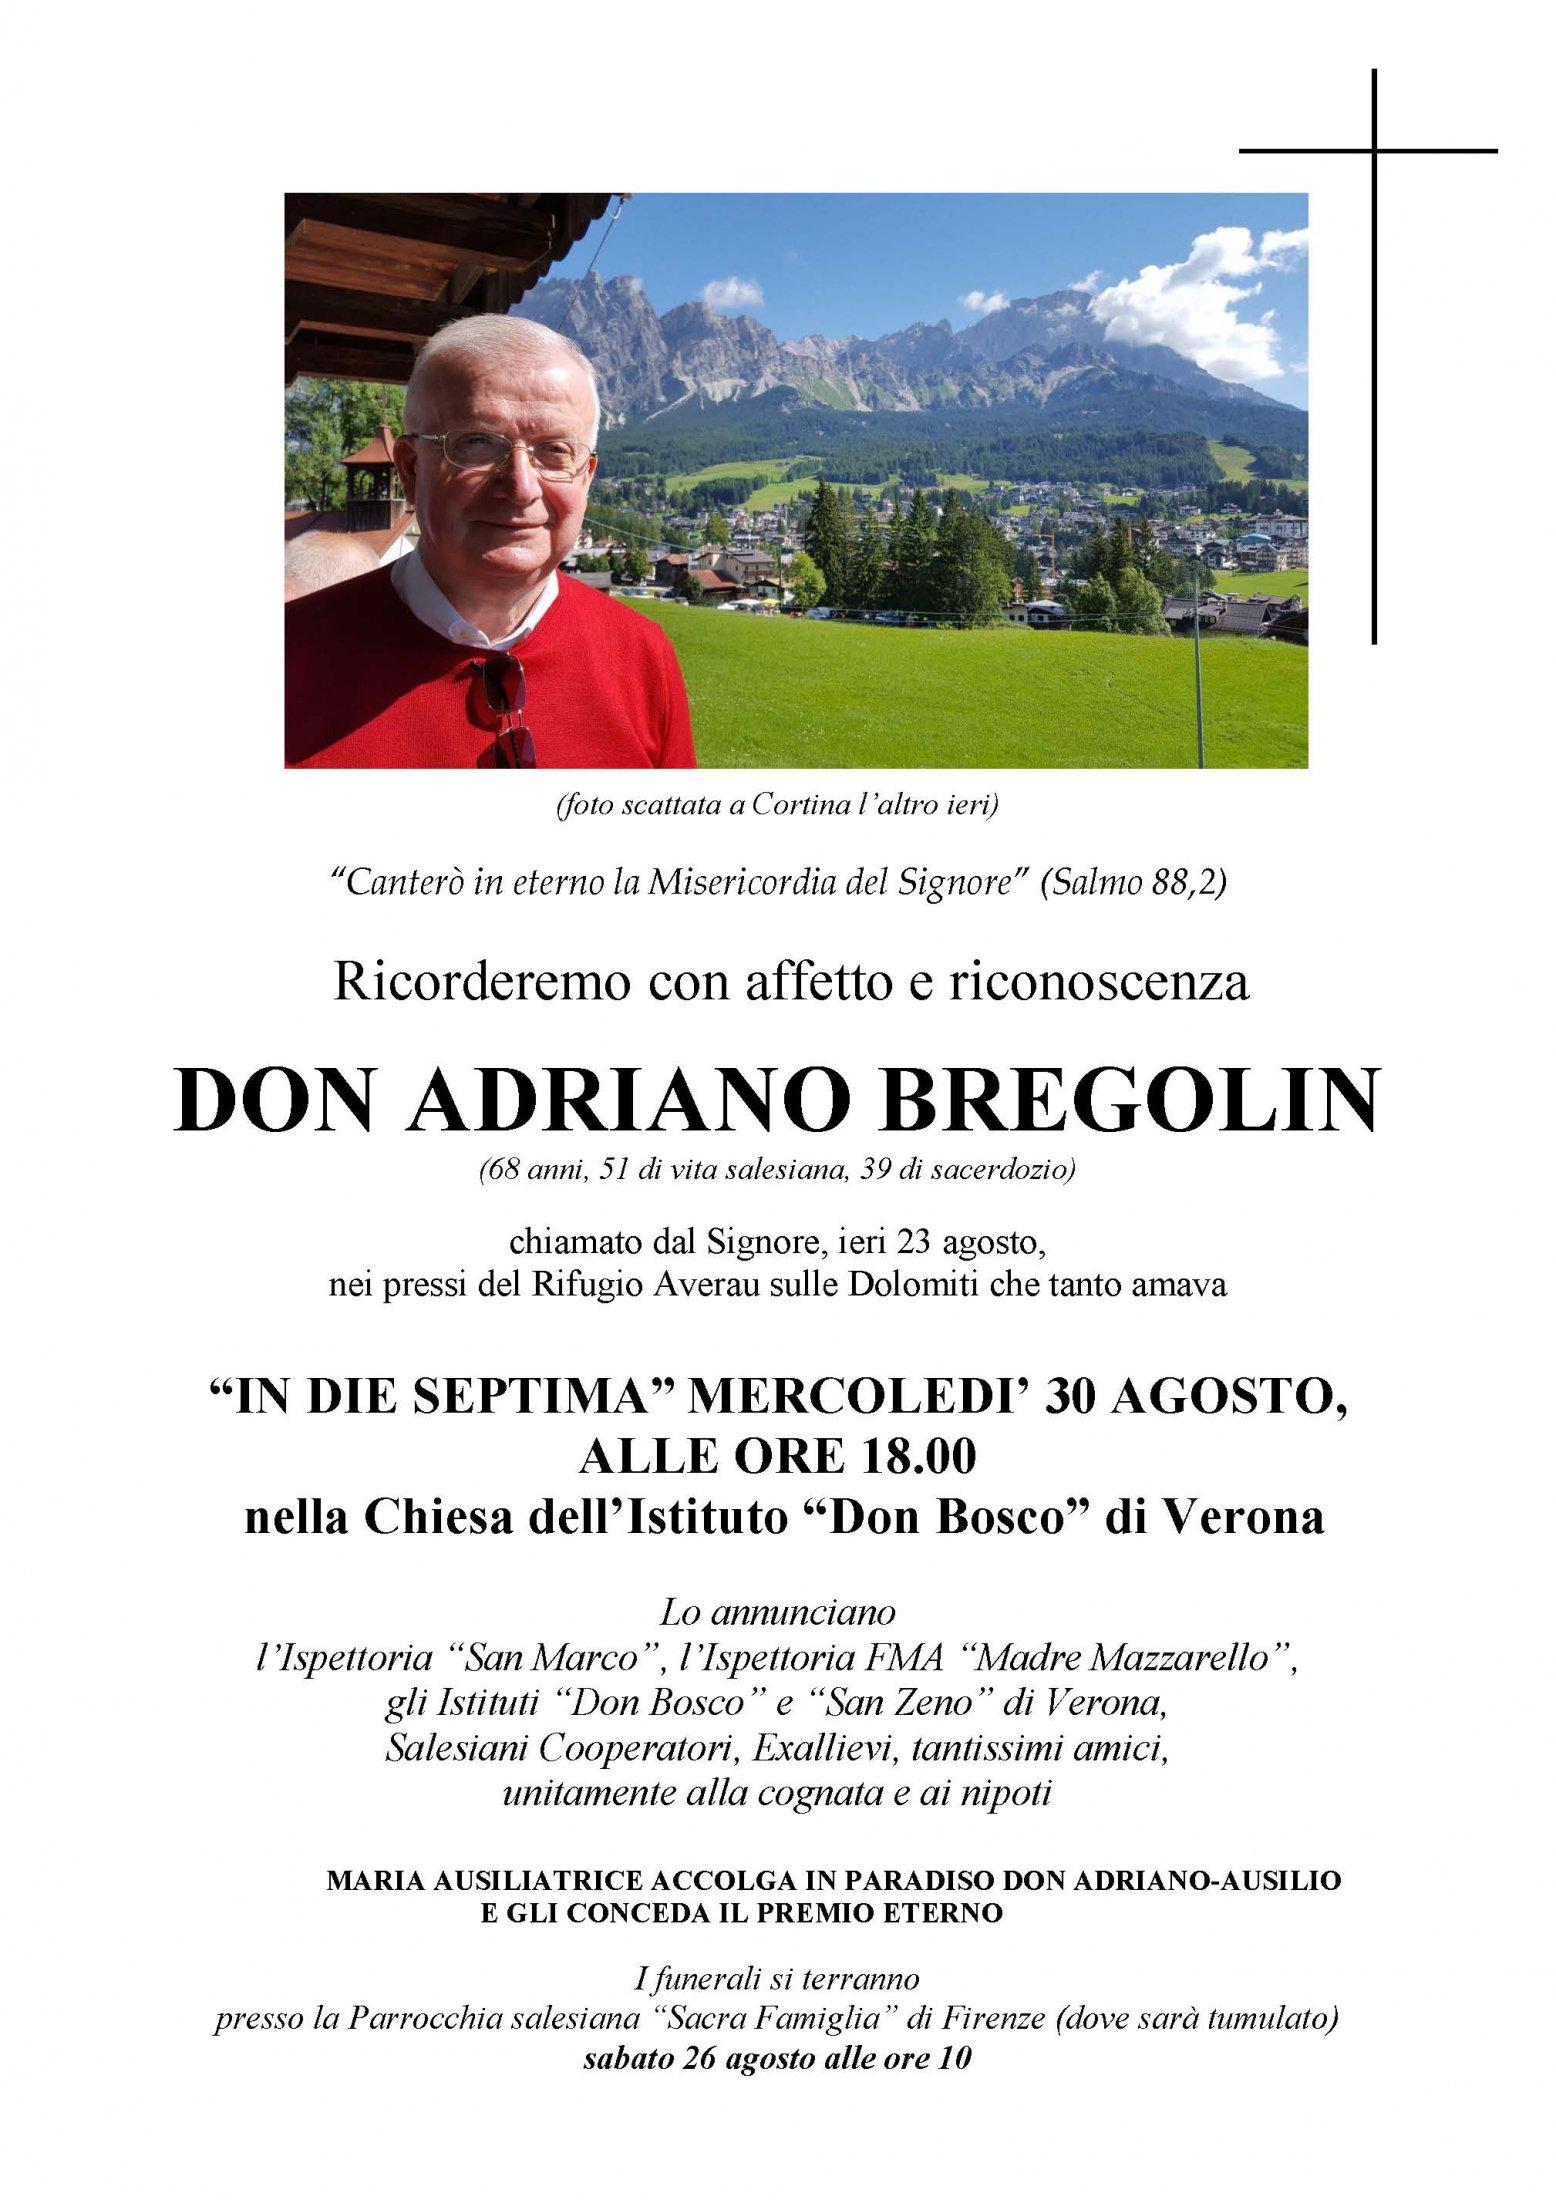 訃聞 前慈幼會副總會長白康寧司鐸 Fr. Adriano BREGOLIN安息主懷 Page 3